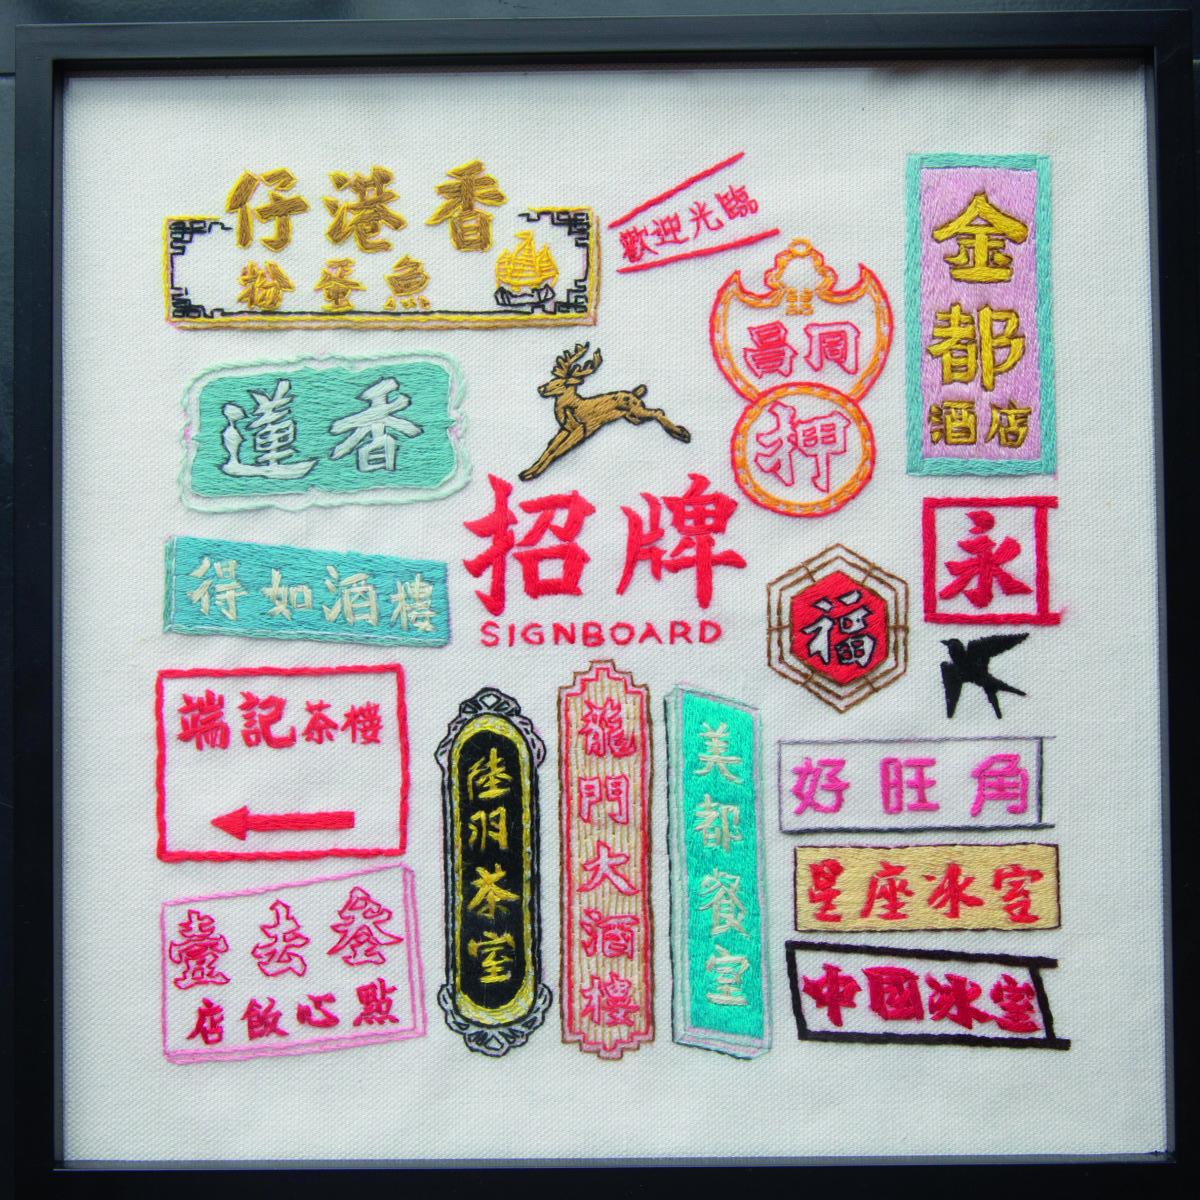 10月底鈴木久美子到關西舉辦香港刺繡展覽,在東京的展覽中日本人好關心香港現況,鈴木小姐說希望可以將香港美好的地道文化傳到日本。